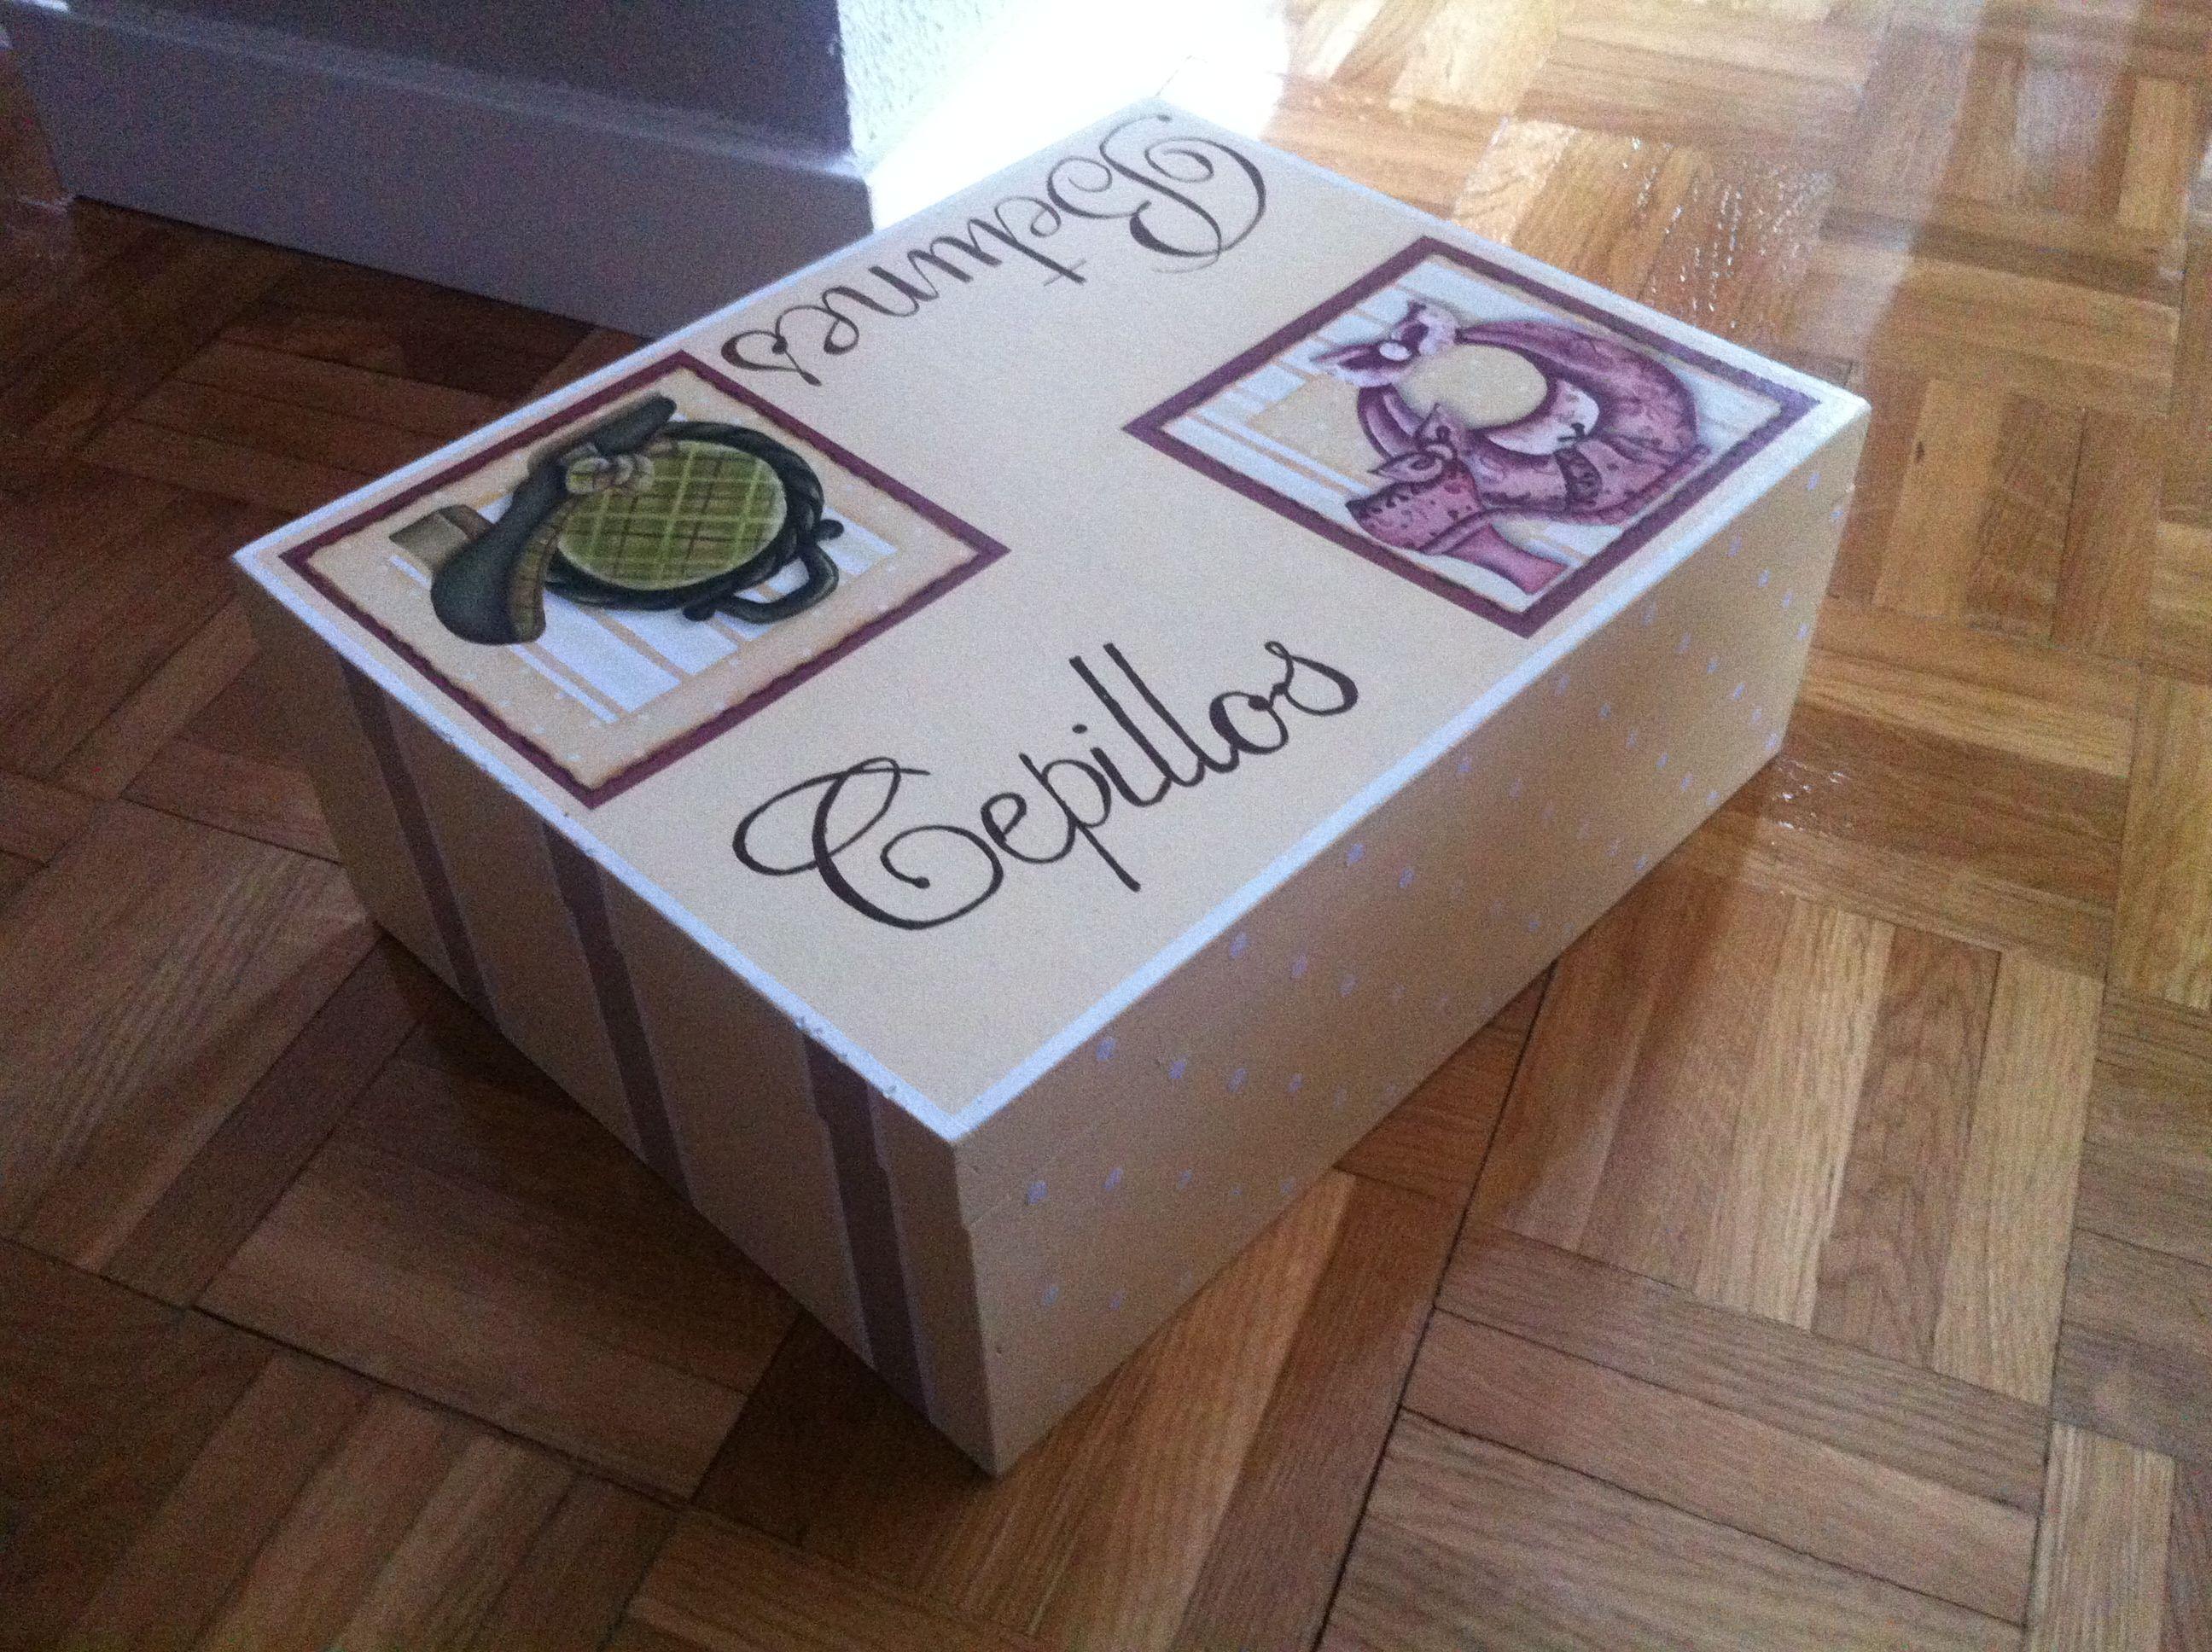 Caja pintada y con periódico. Muy vintage and chic.